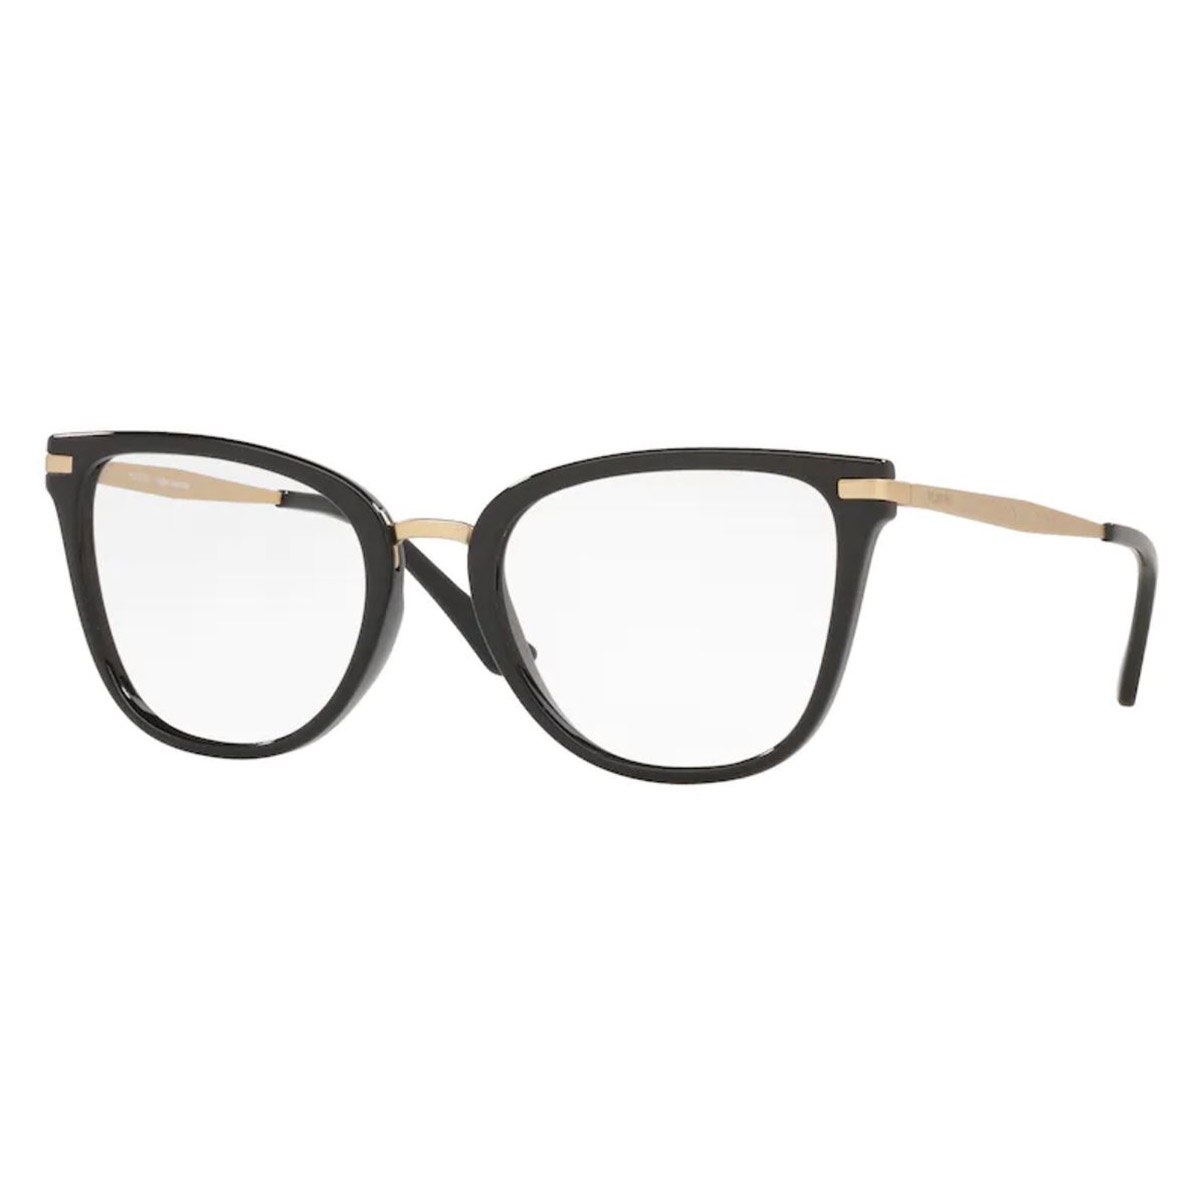 Óculos de Grau Platini P93170 Preto Brilho Tamanho 52